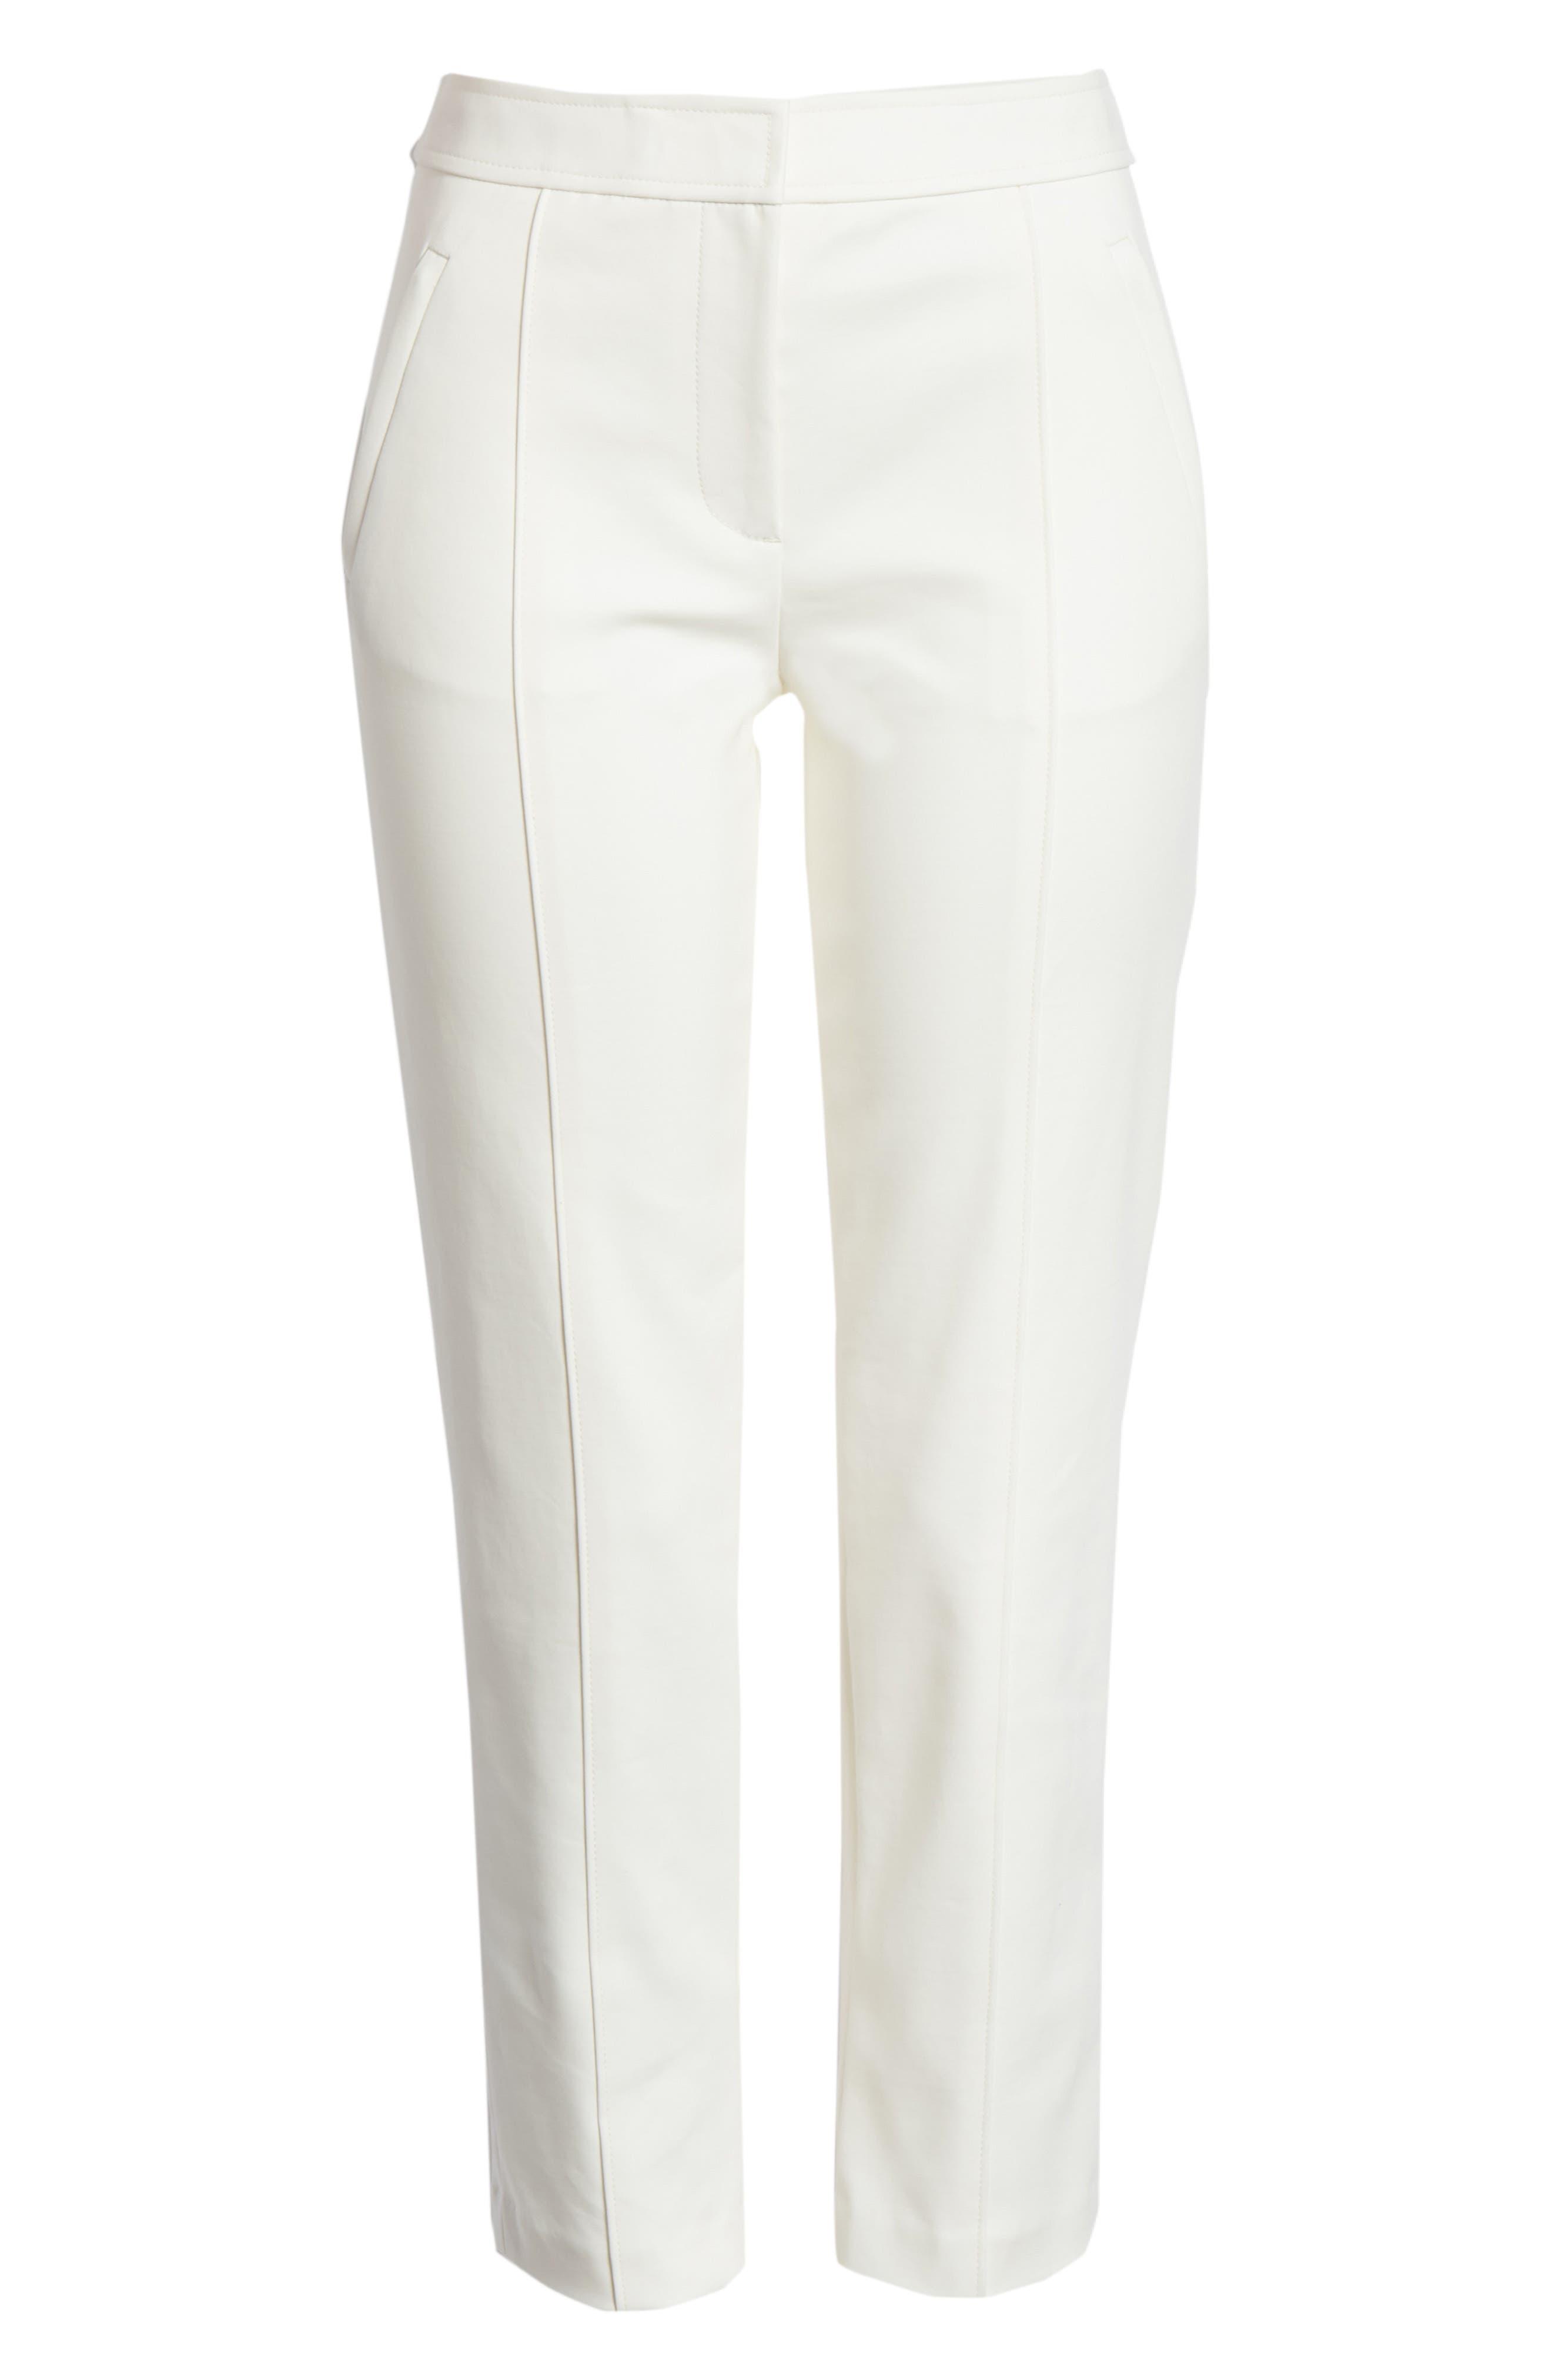 Vanner Slim Leg Ankle Pants,                             Alternate thumbnail 6, color,                             New Ivory